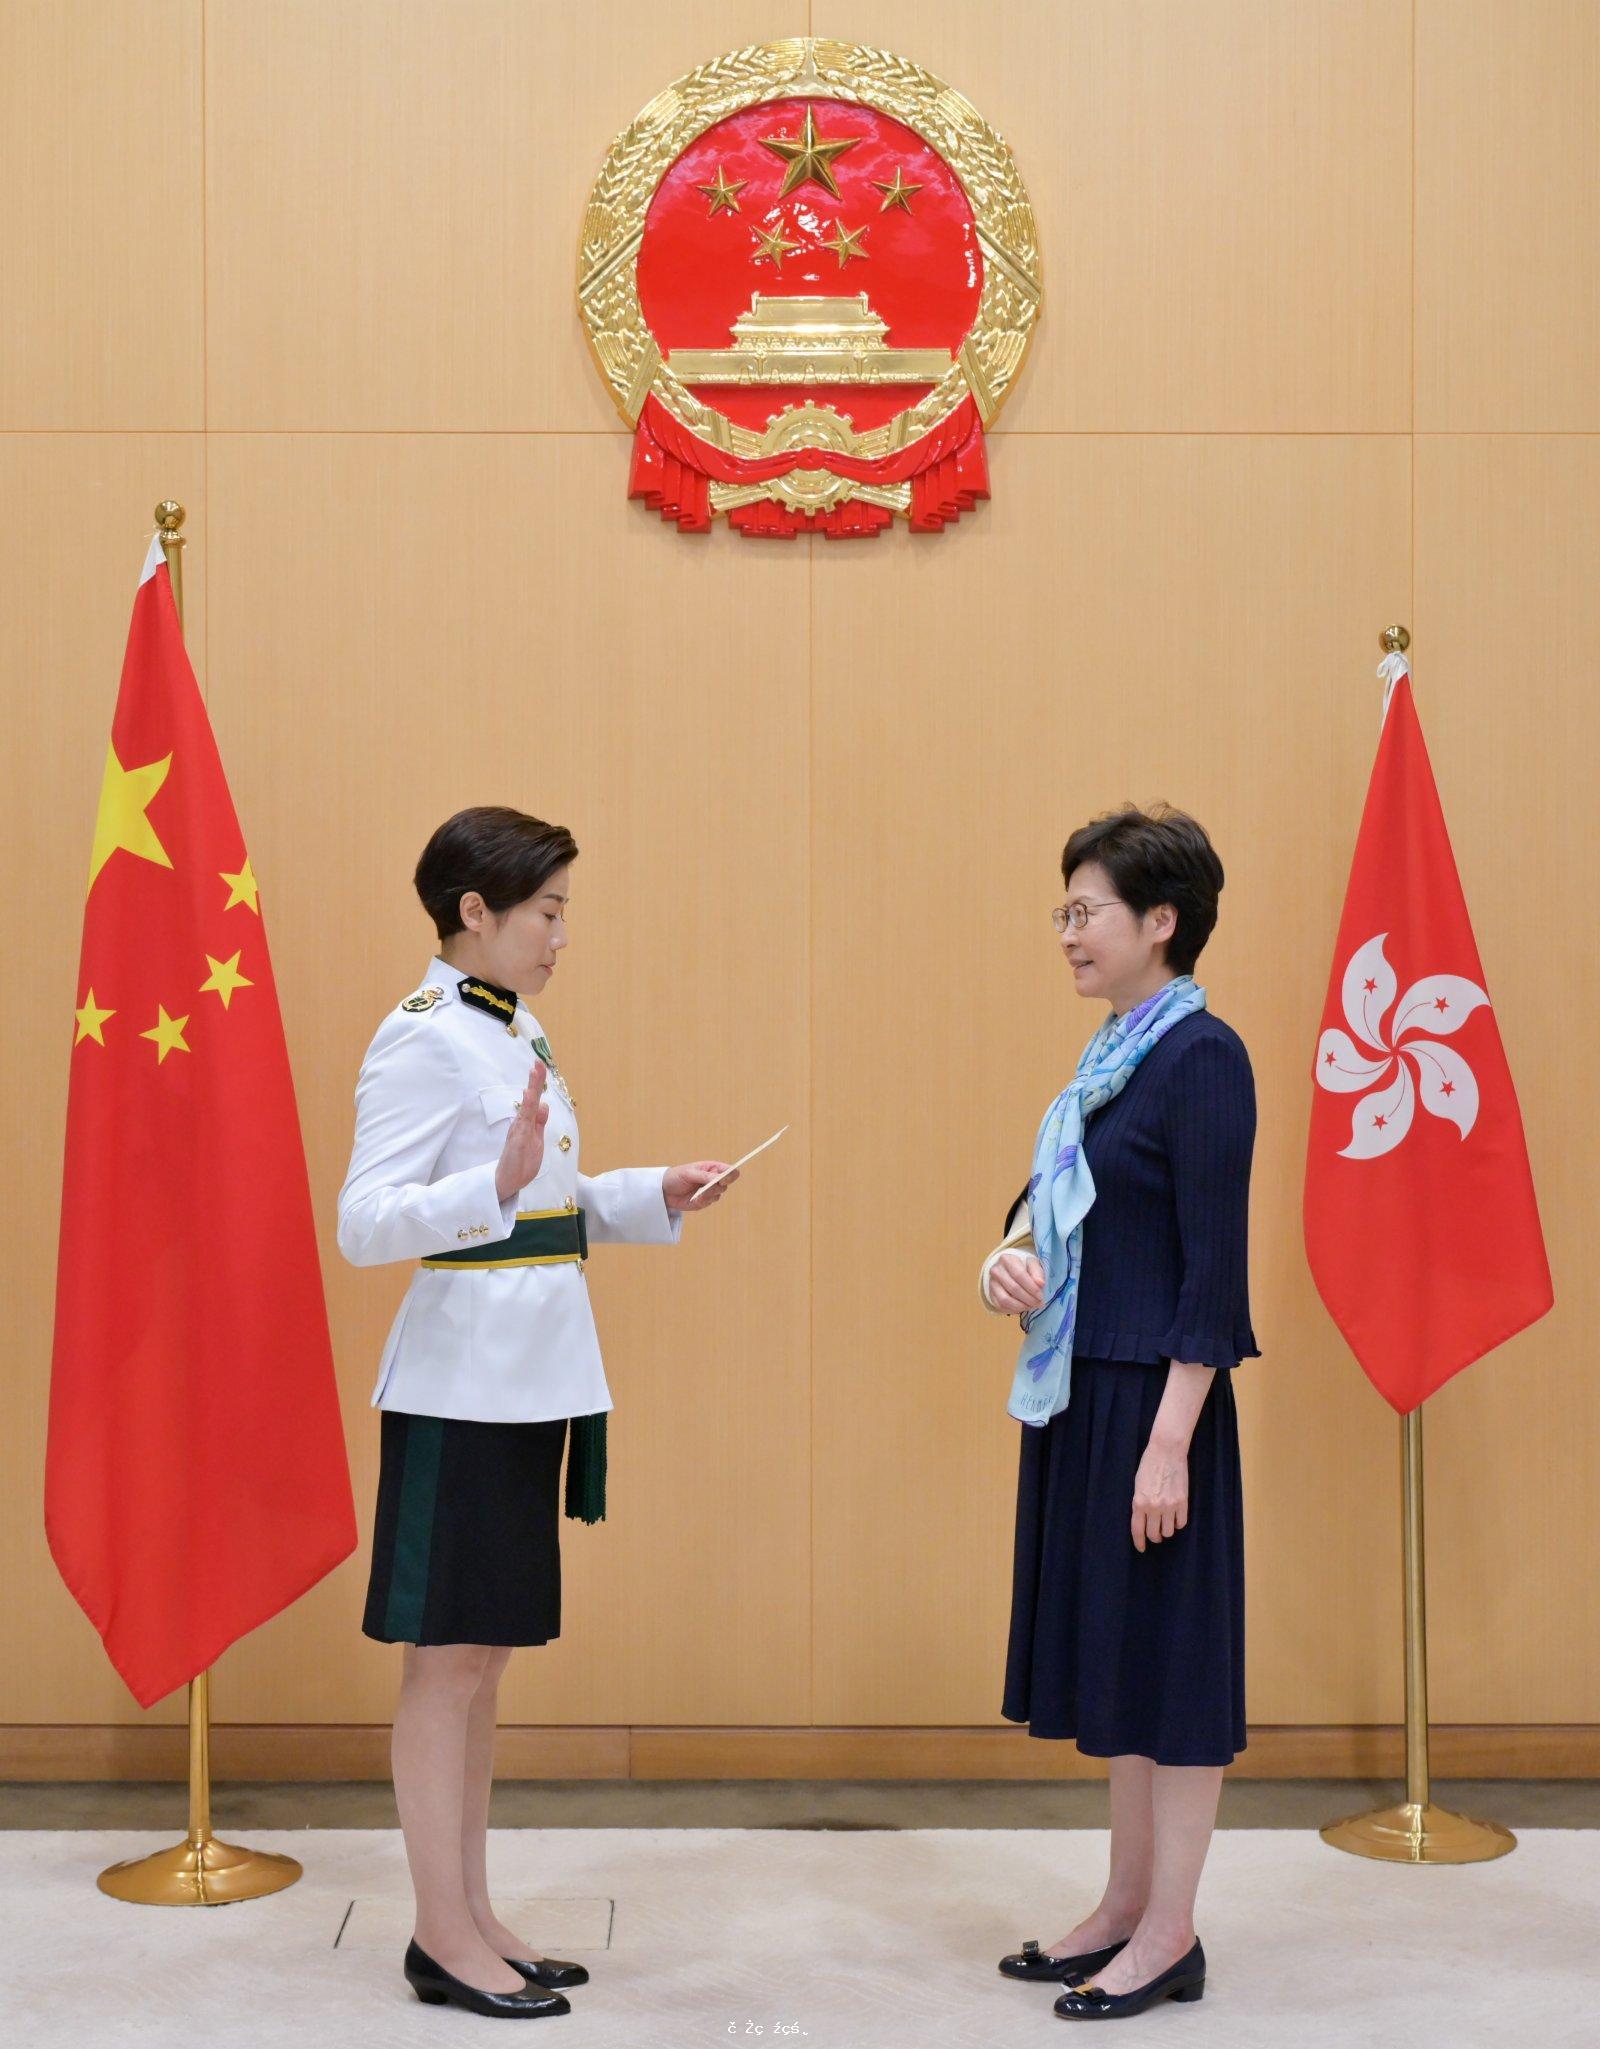 海關「一姐」何珮珊就任 宣誓背景首現國徽